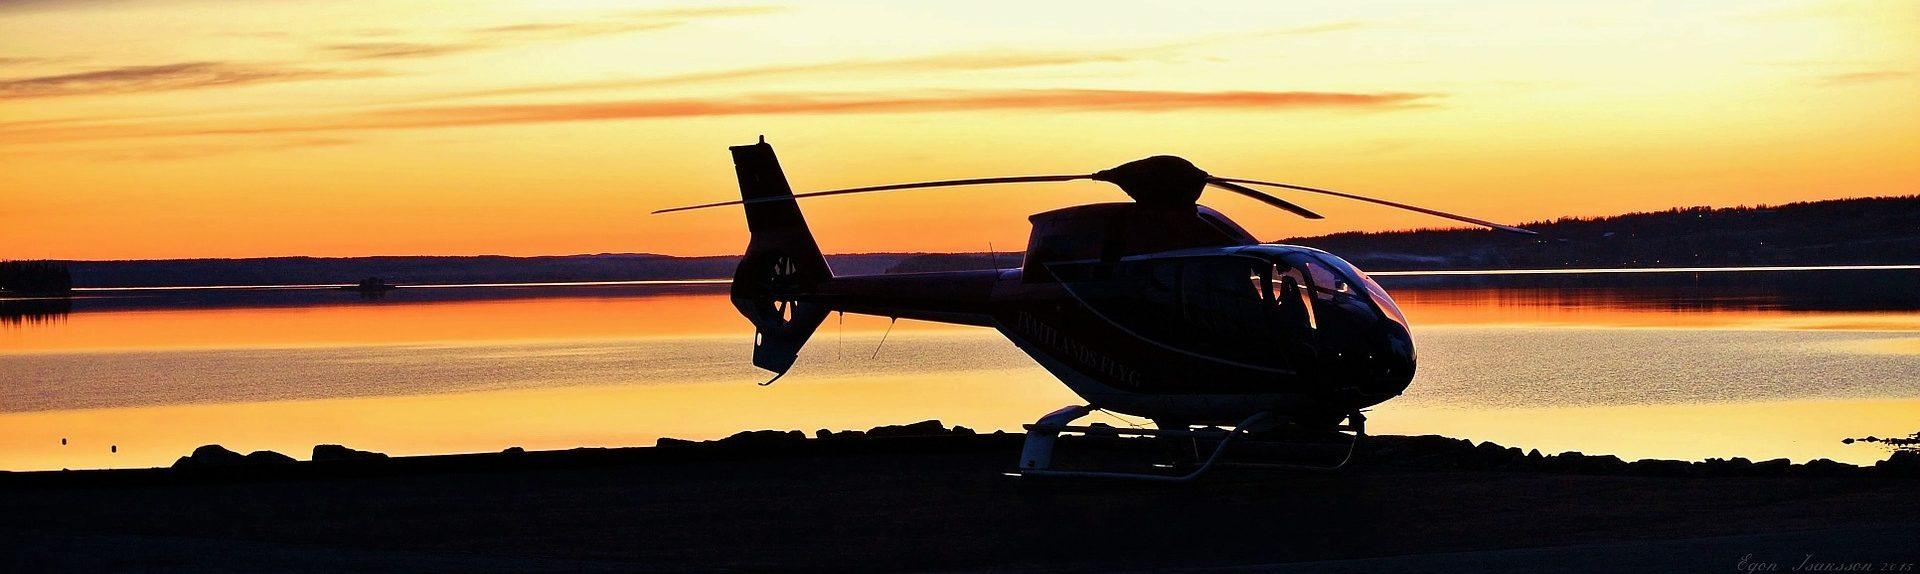 Продажа вертолетов по лучшей цене без комиссии по России и Миру